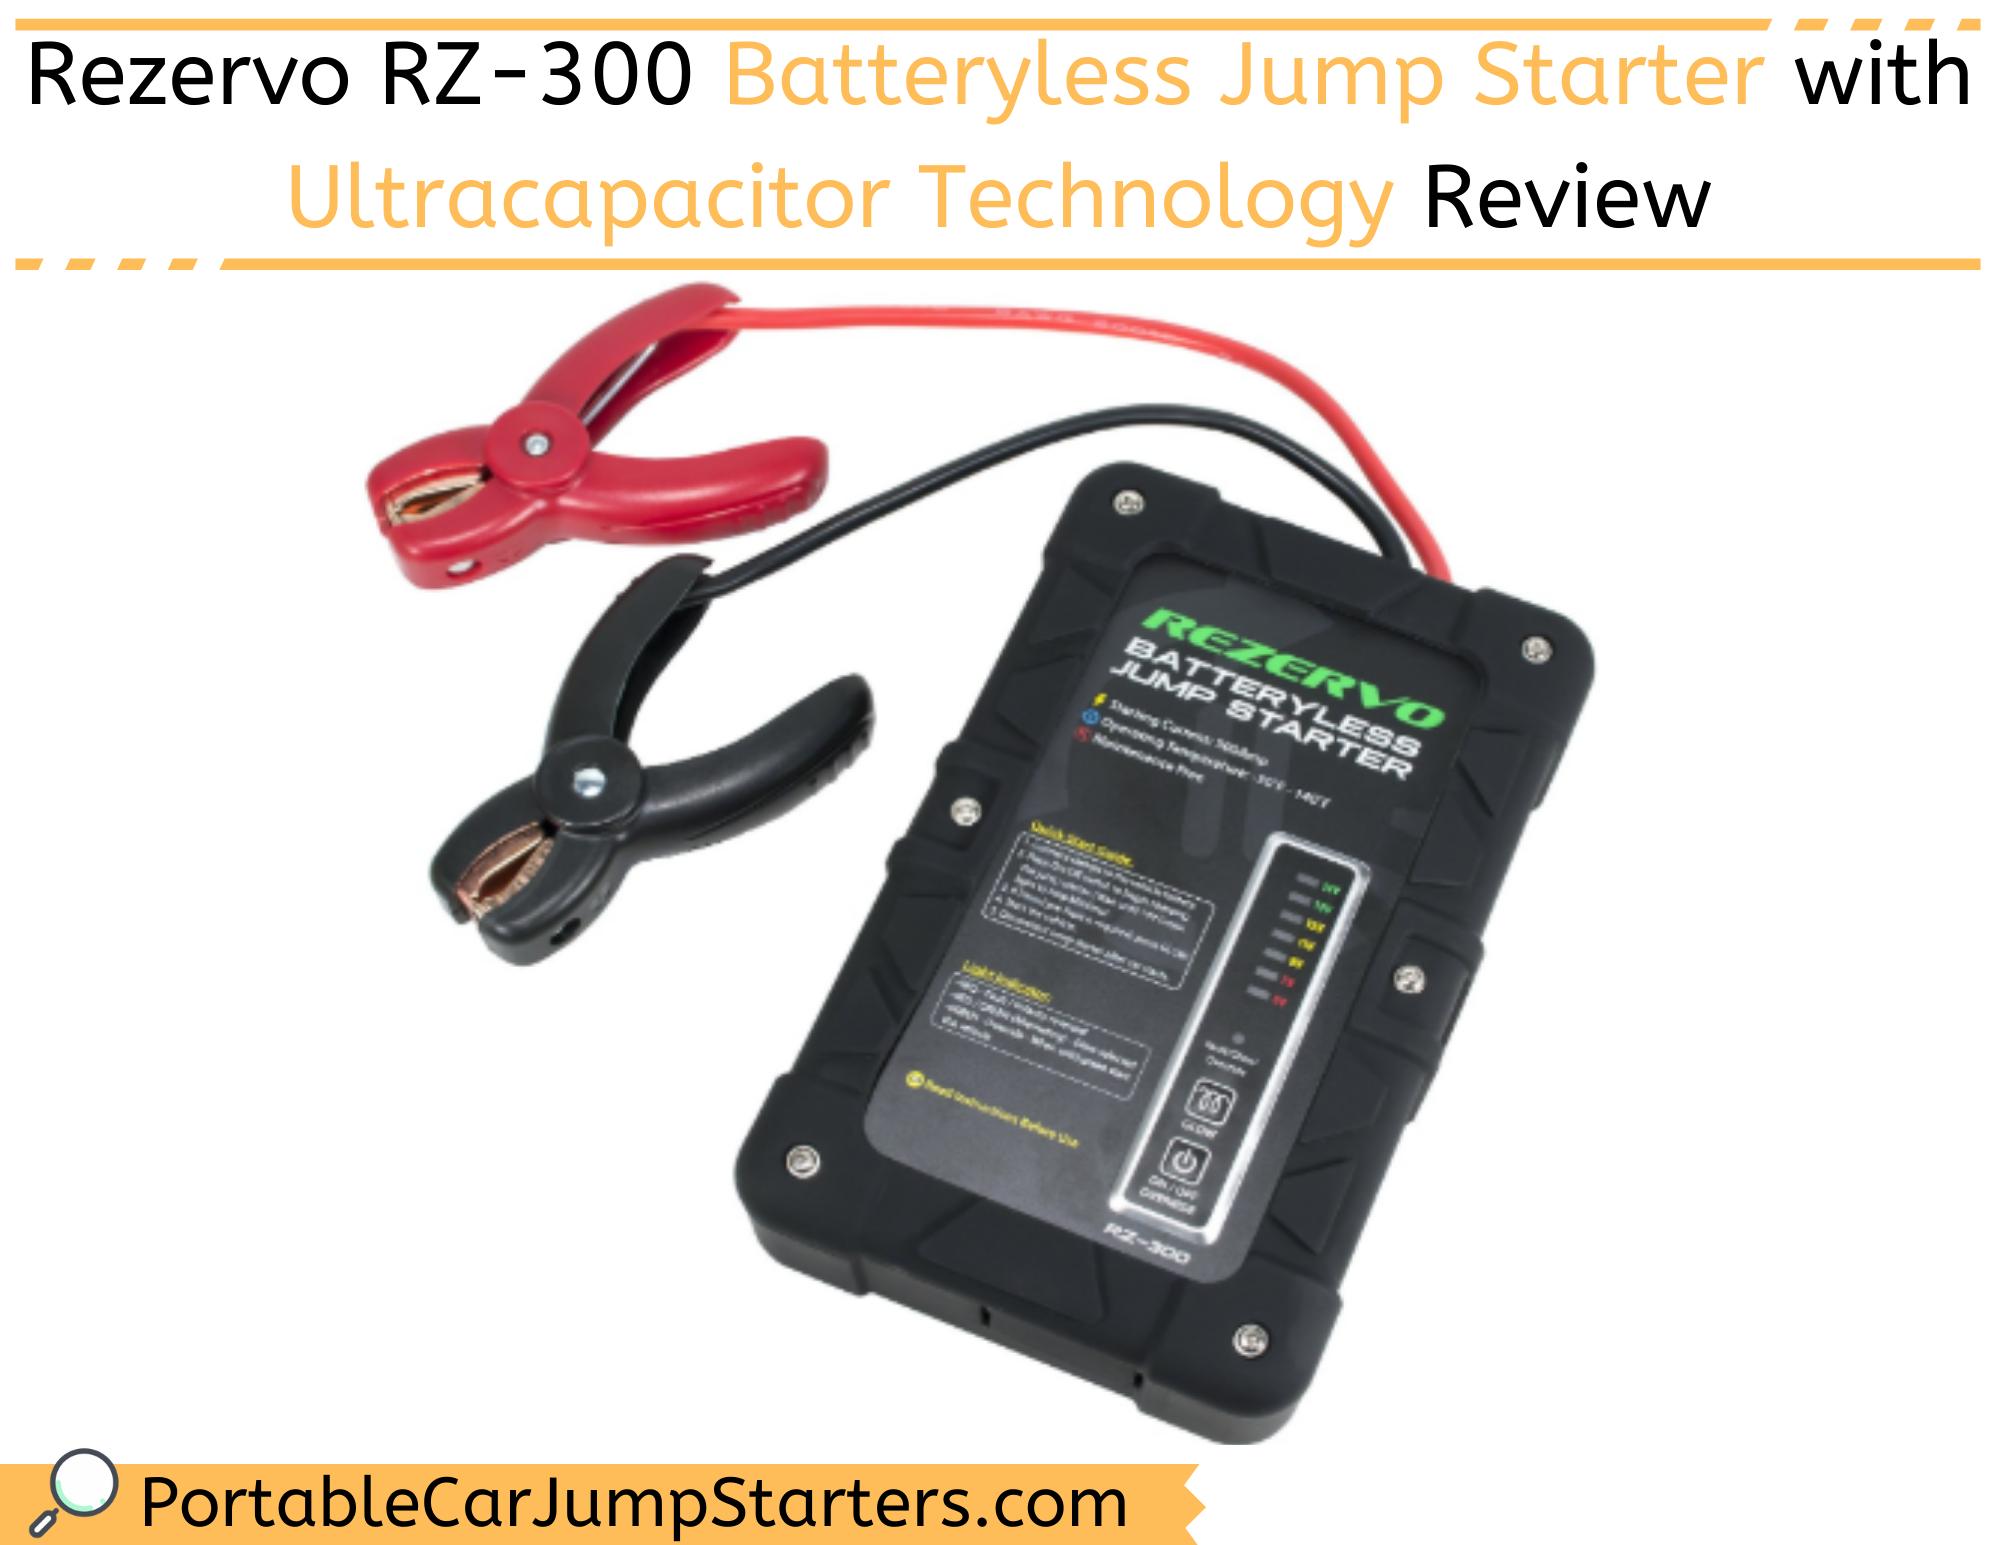 Thumbnail for Rezervo RZ-300 Batteryless Jump Starter with Ultracapacitor Technology Review